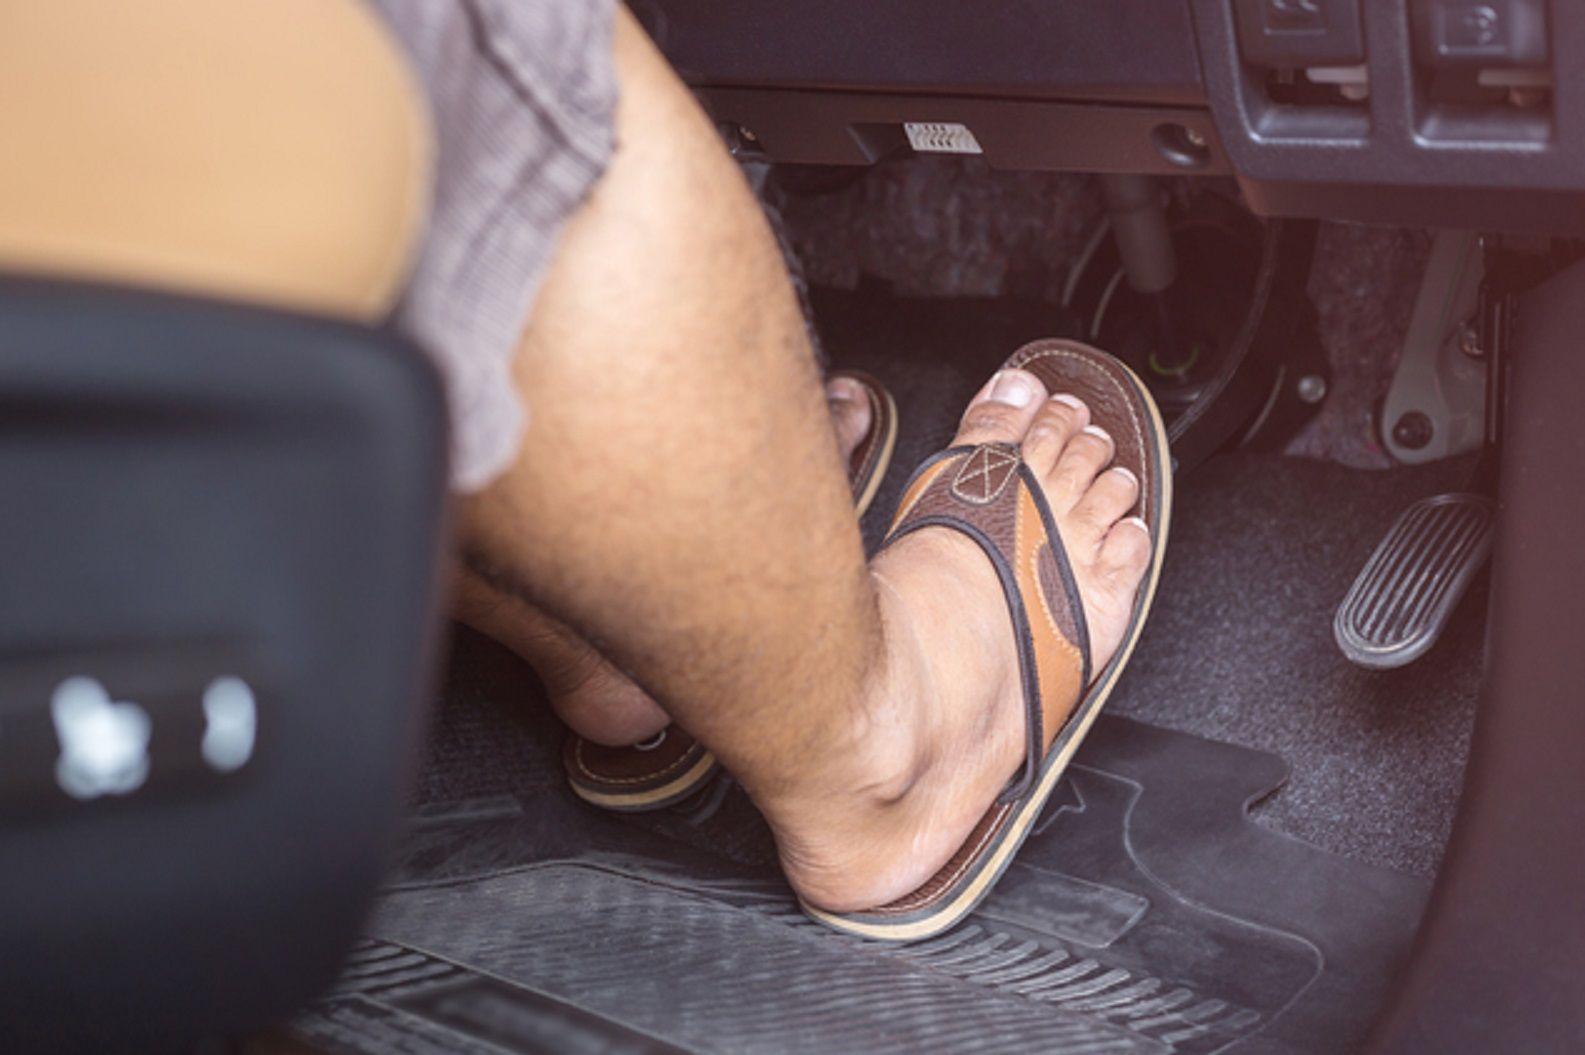 Alerta conductores: manejar con ojotas o sandalias tiene severas multas